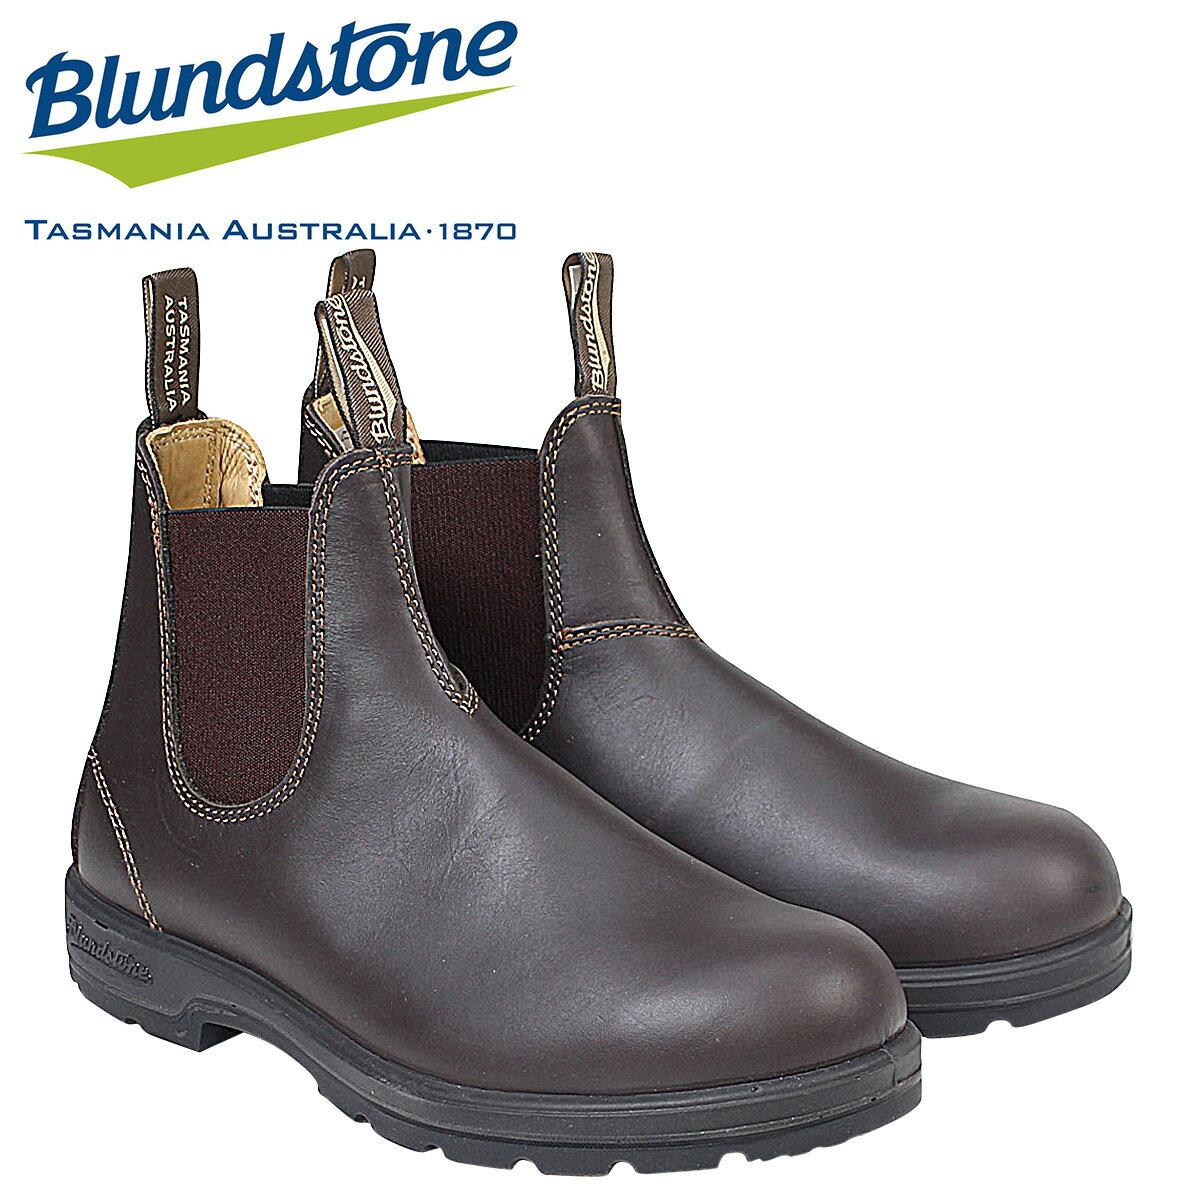 ブランドストーン Blundstone サイドゴア メンズ 550 ブーツ DRESS V CUT BOOTS ブラウン [12/28 再入荷]